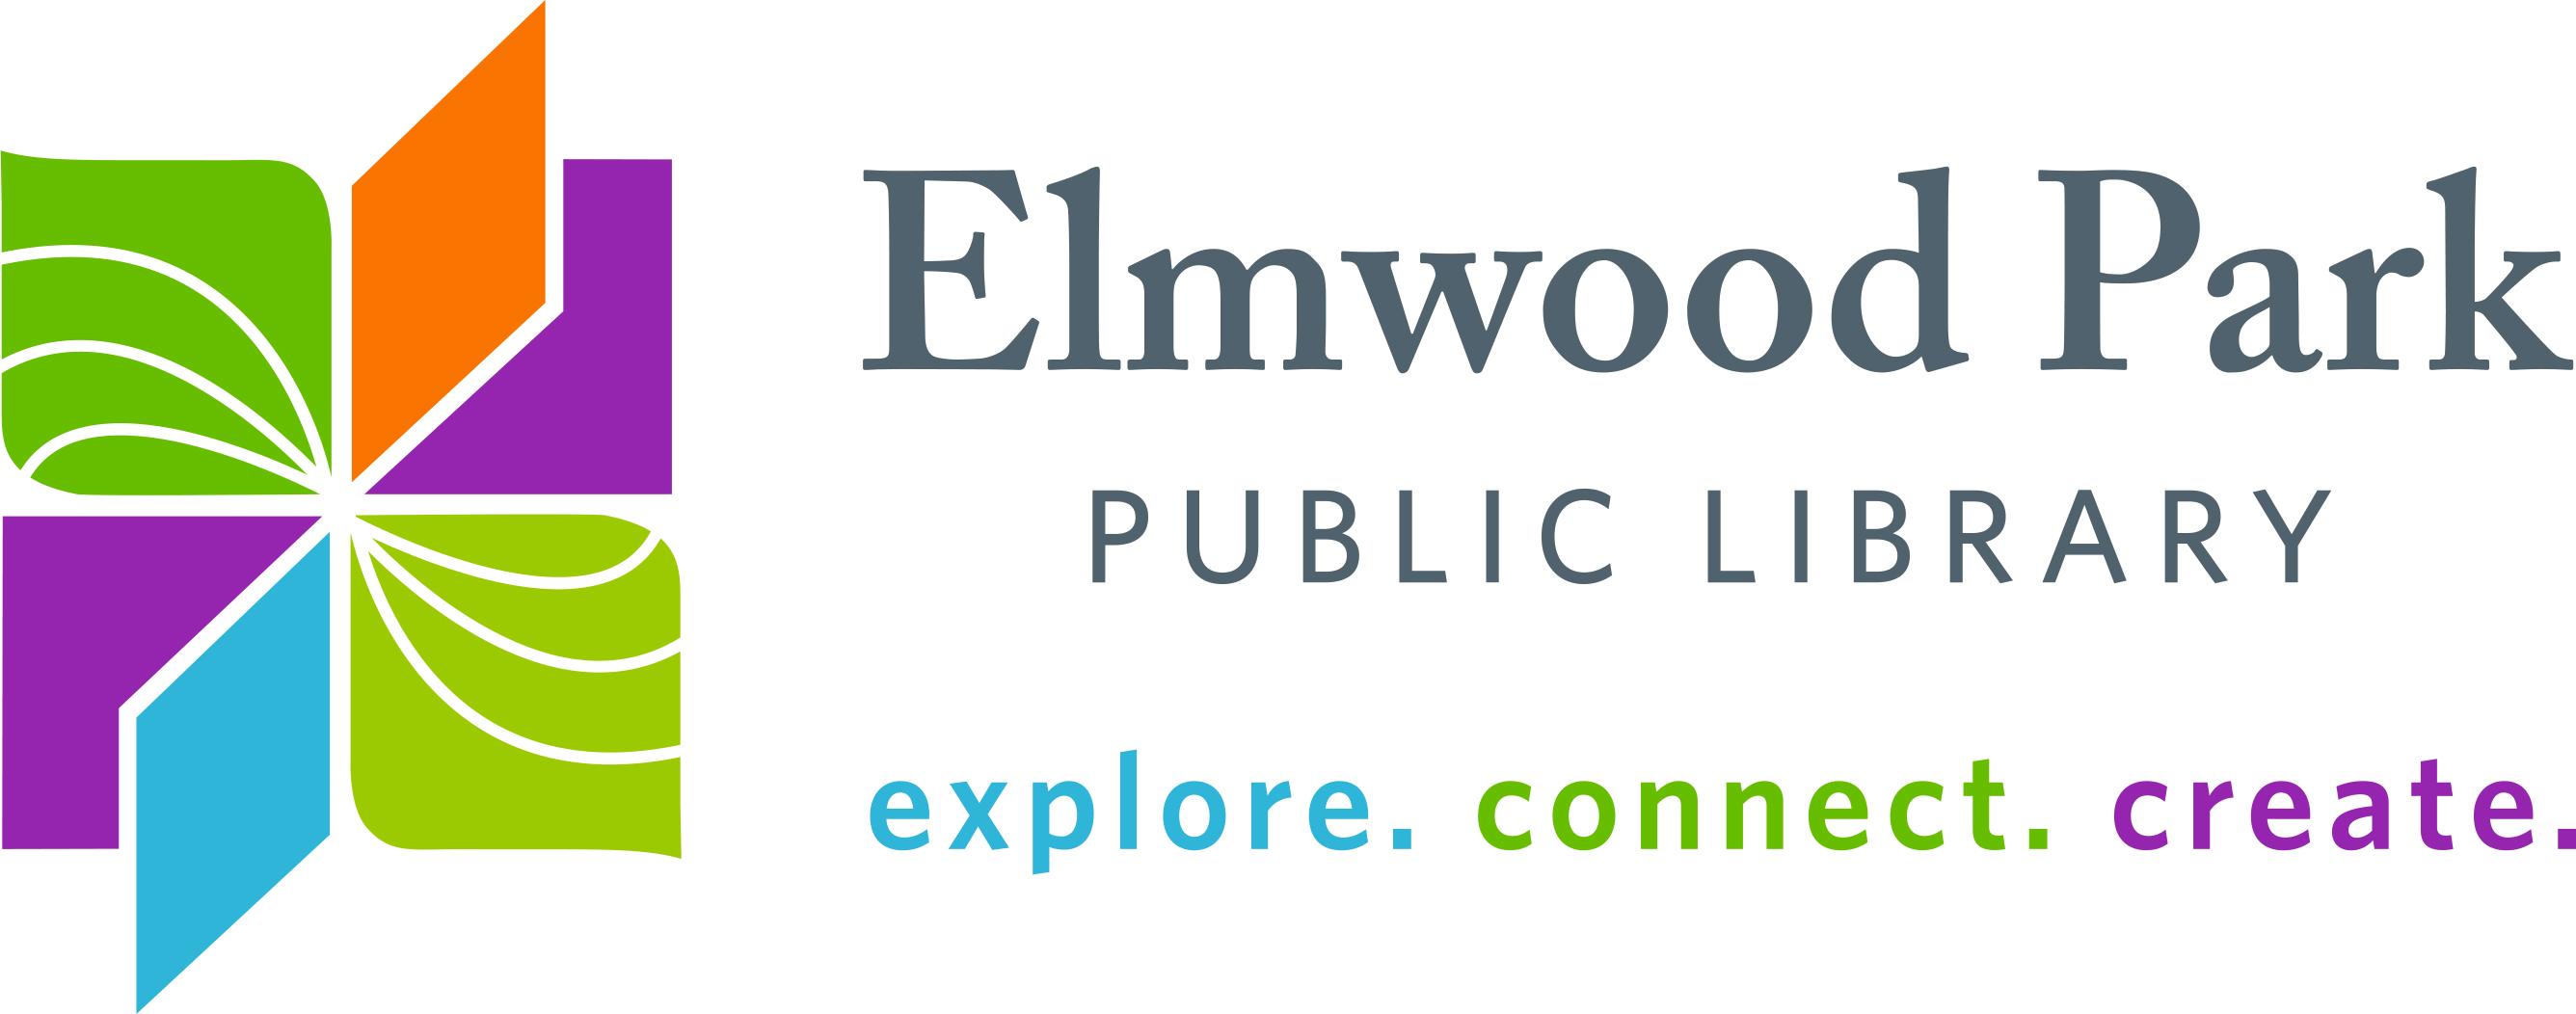 Elmwood Park Public Library